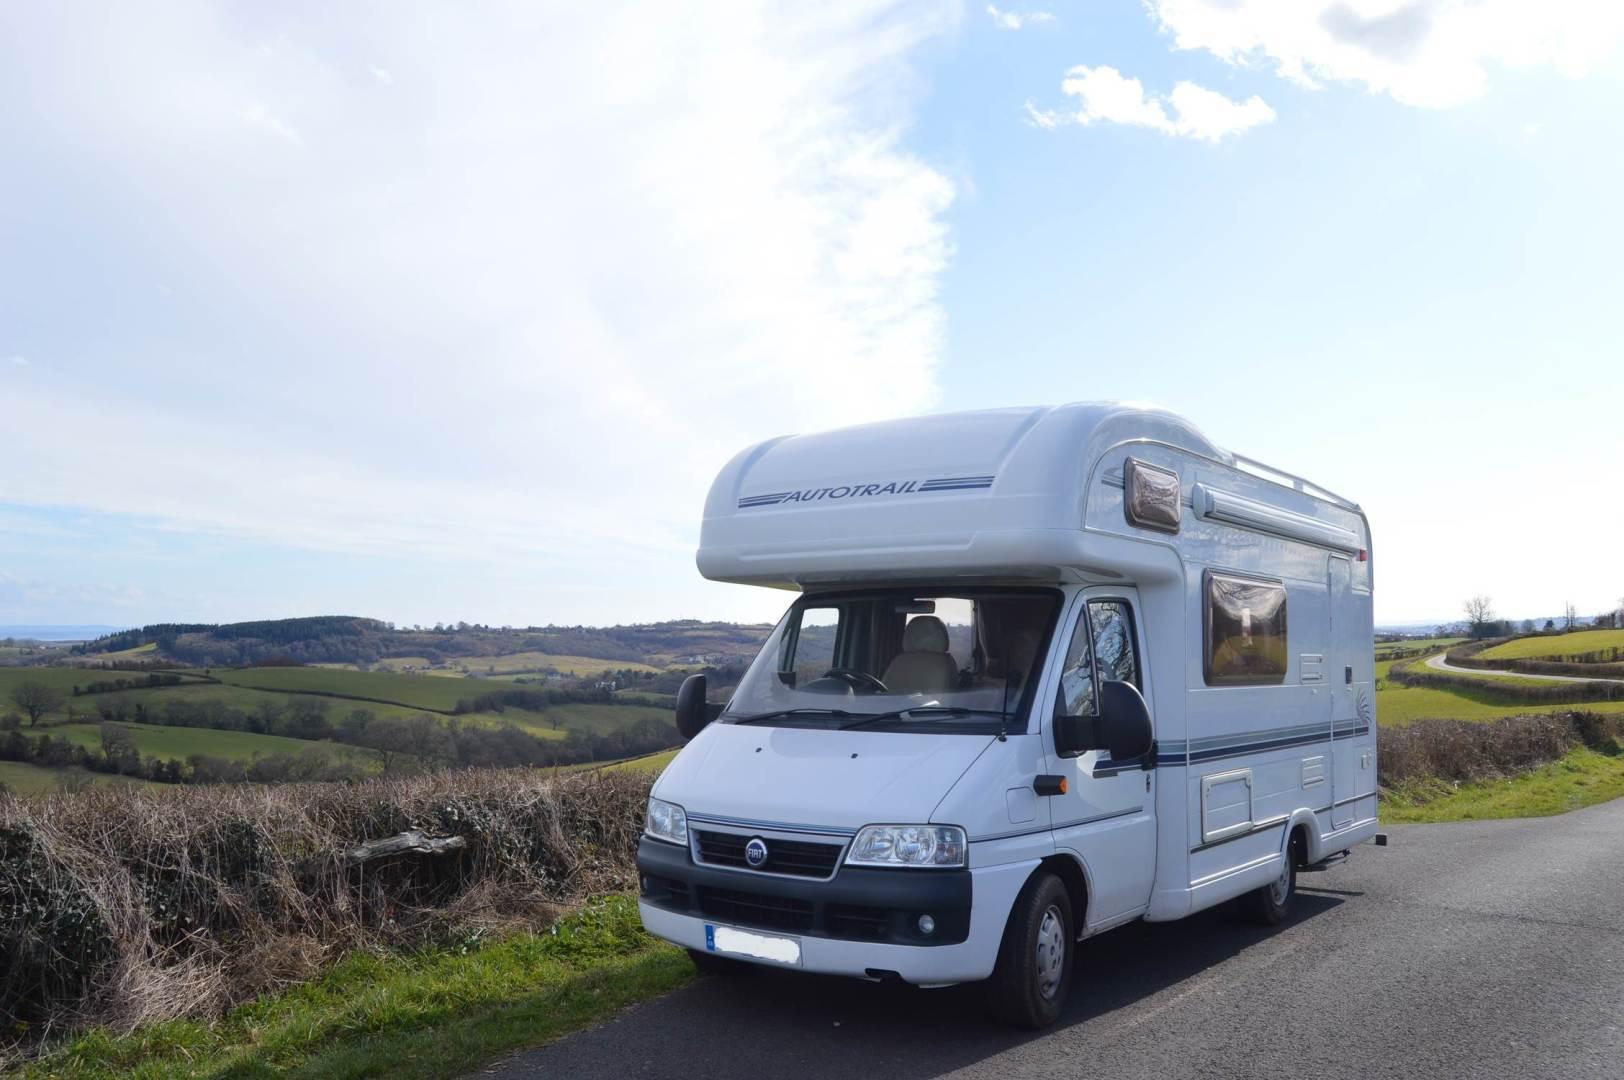 Apache - Gateway to Wales